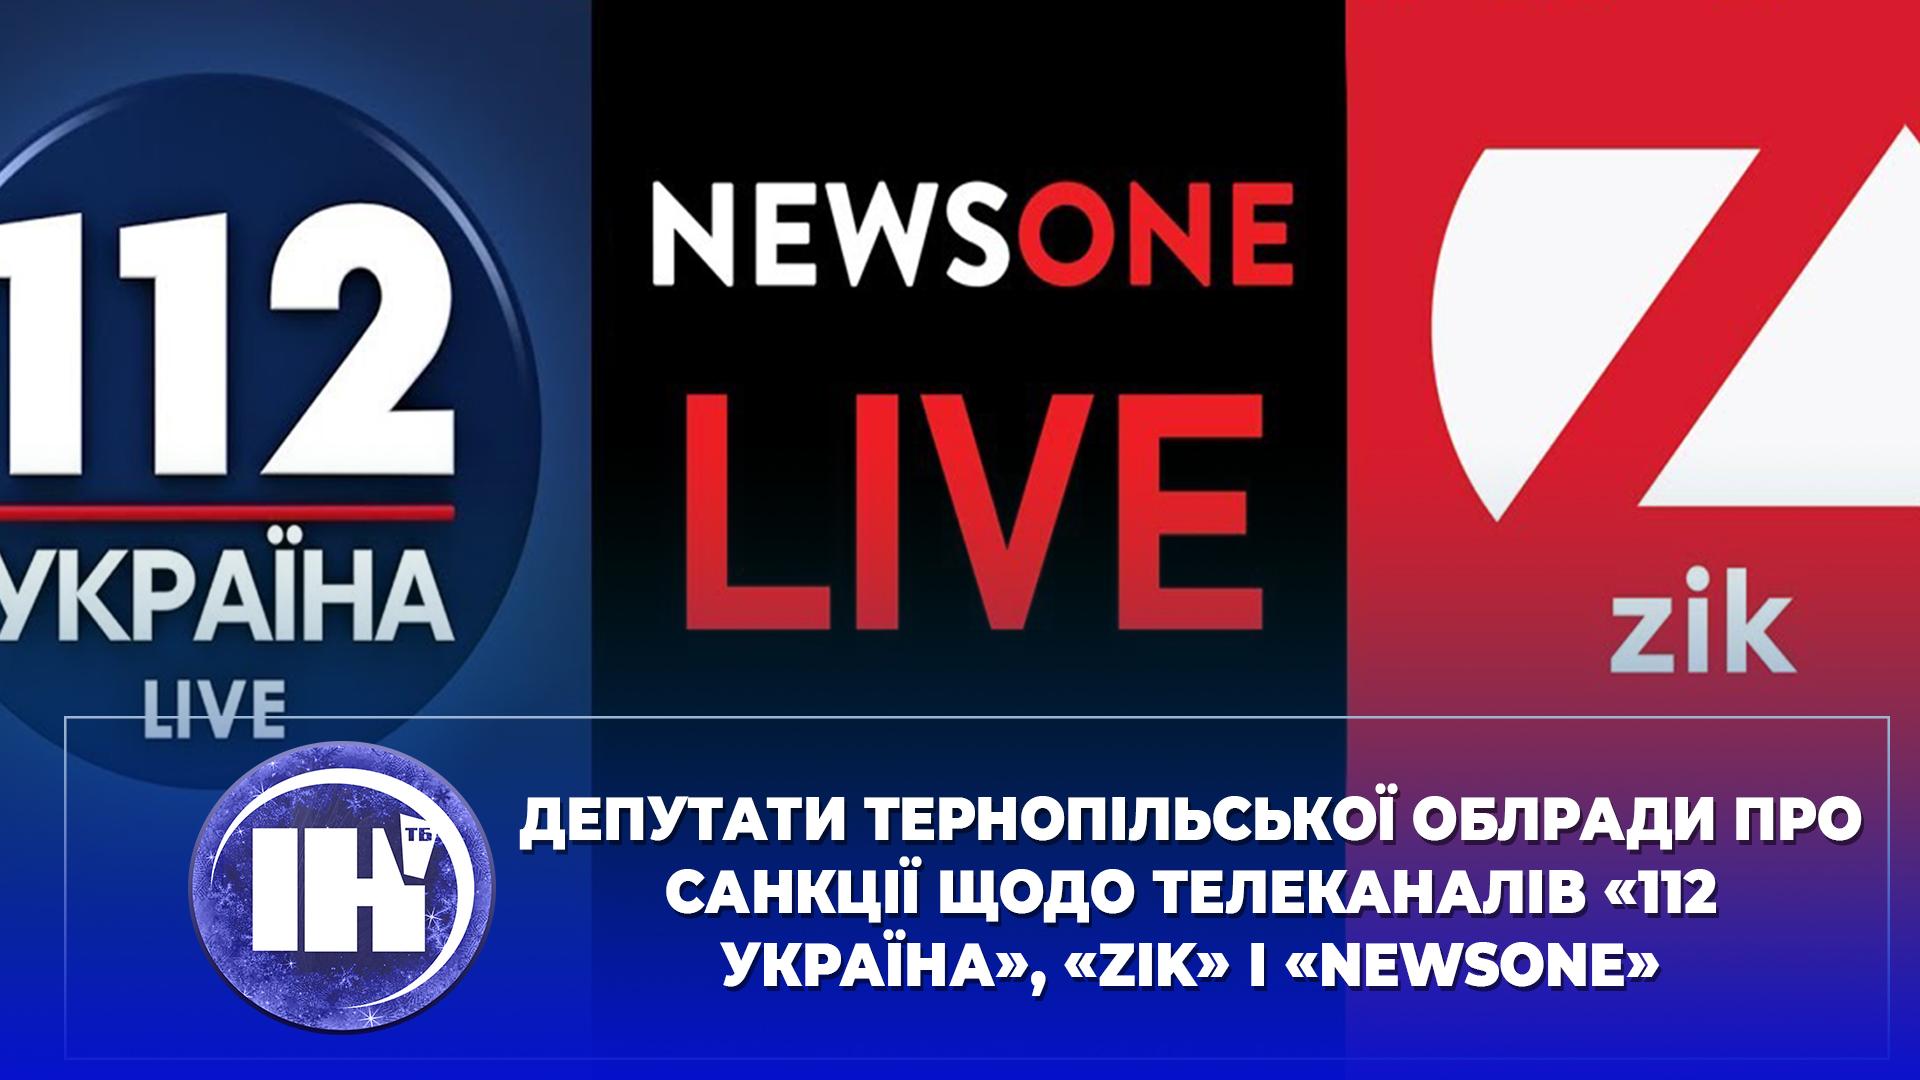 Депутати Tернопільської облради про санкції щодо телеканалів «112 Україна», «ZIK» і «NewsOne»